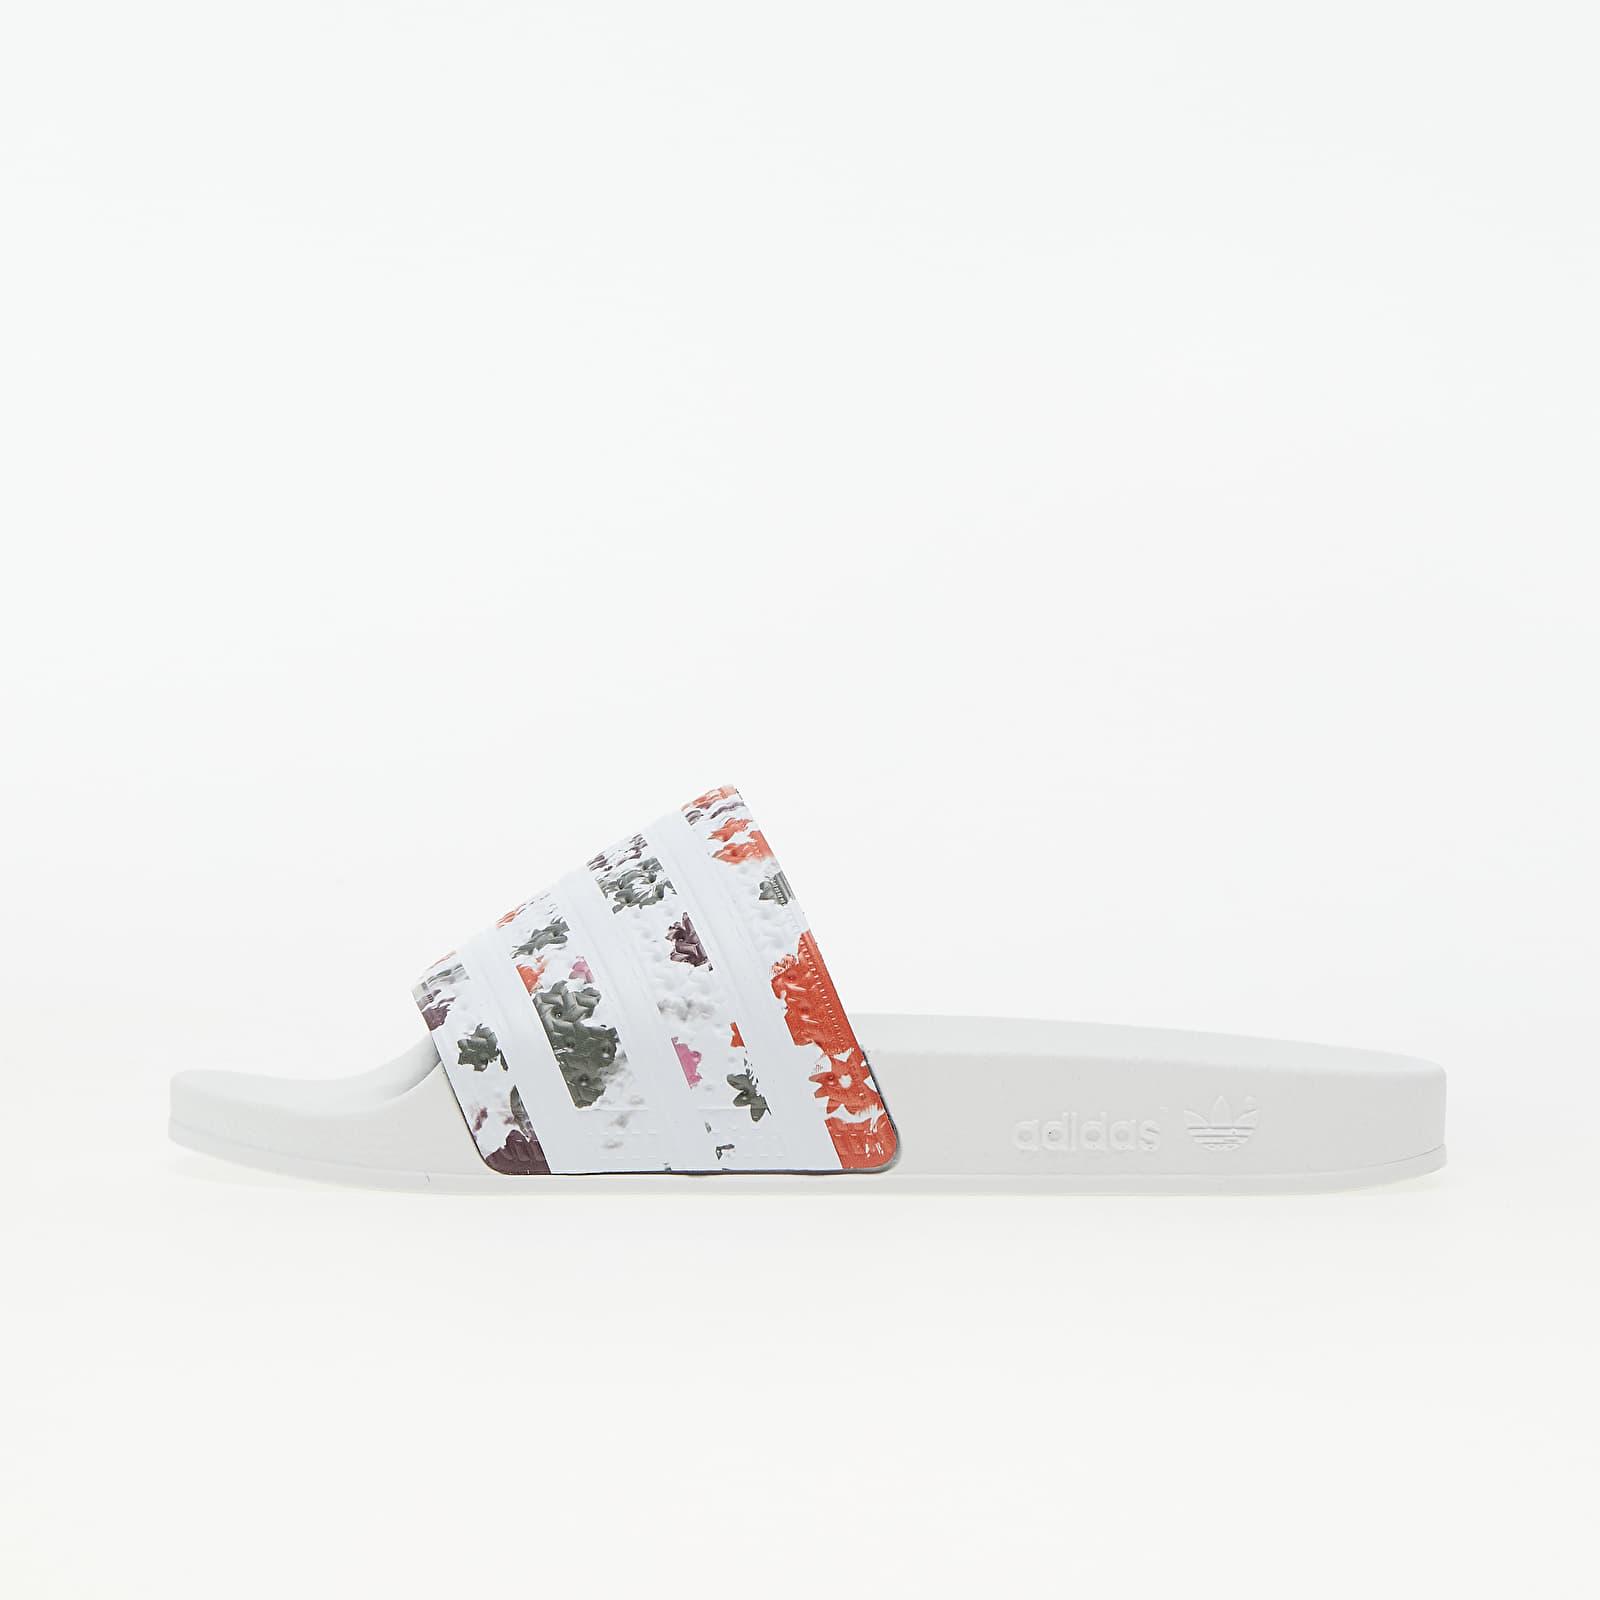 adidas Adilette W Ftw White/ Ftw White/ Ftw White EUR 38